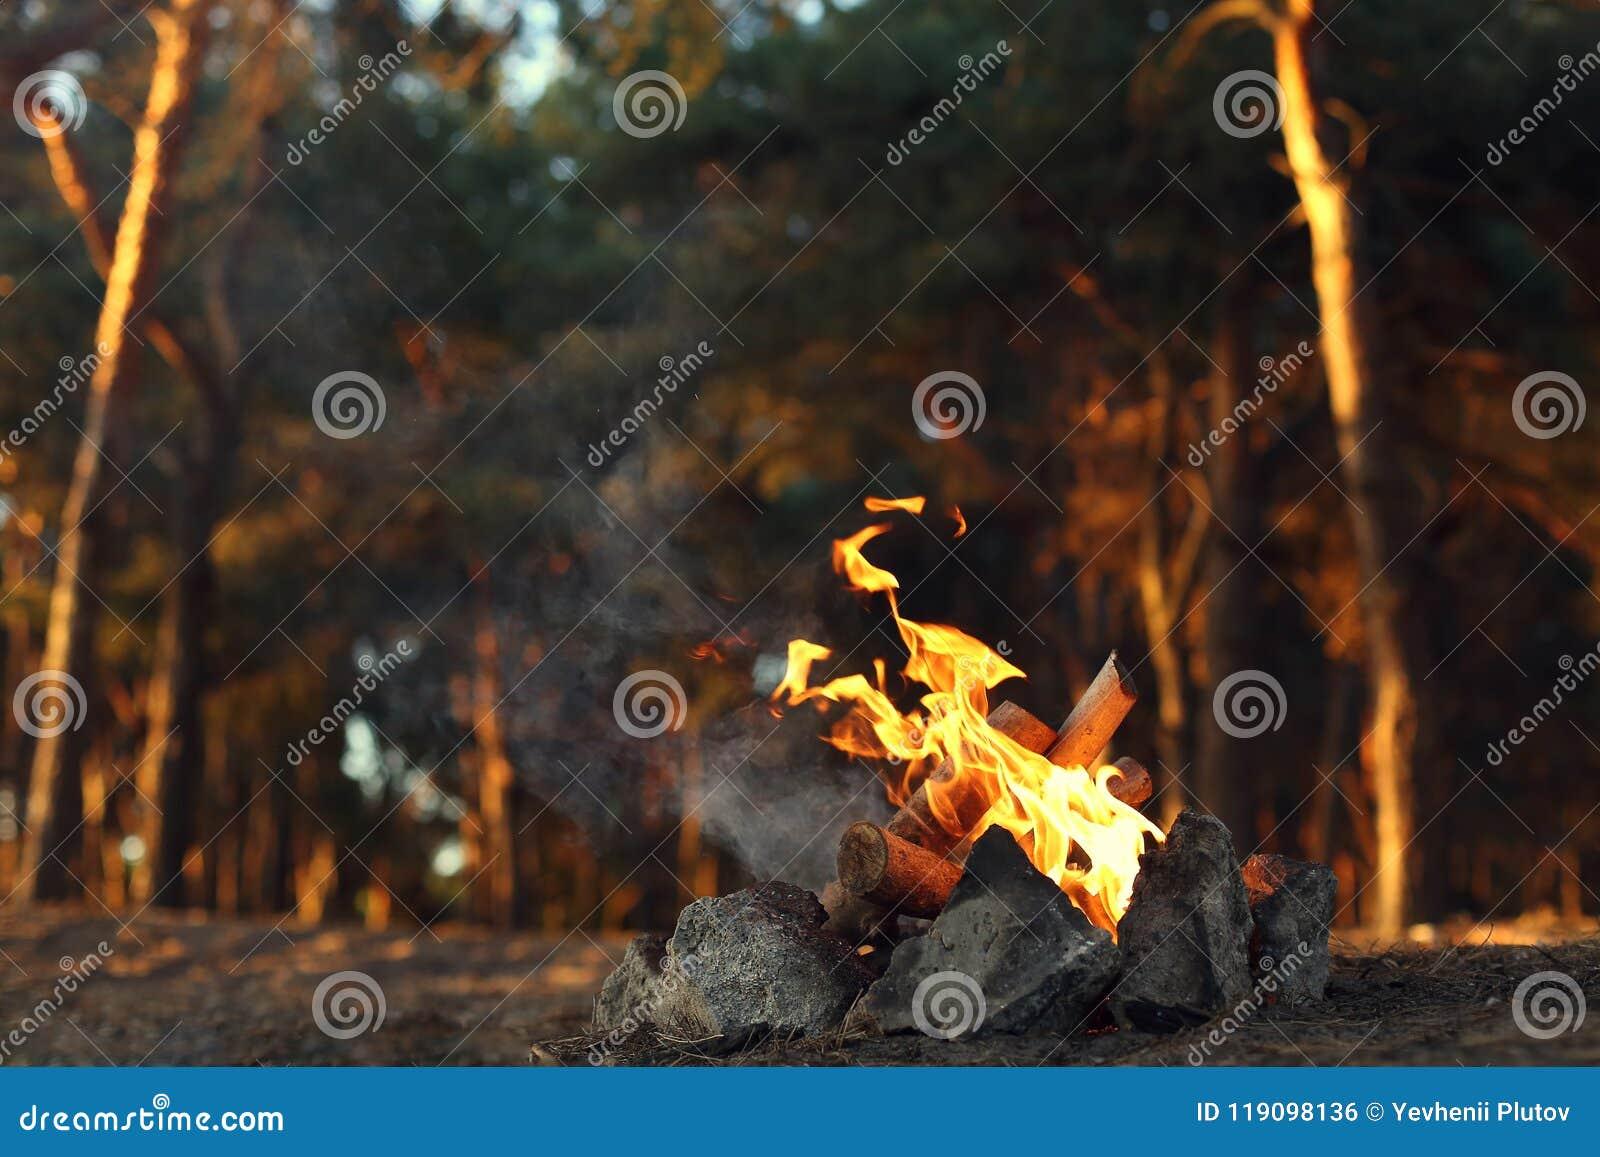 Ein Feuer in einem Kiefernwald